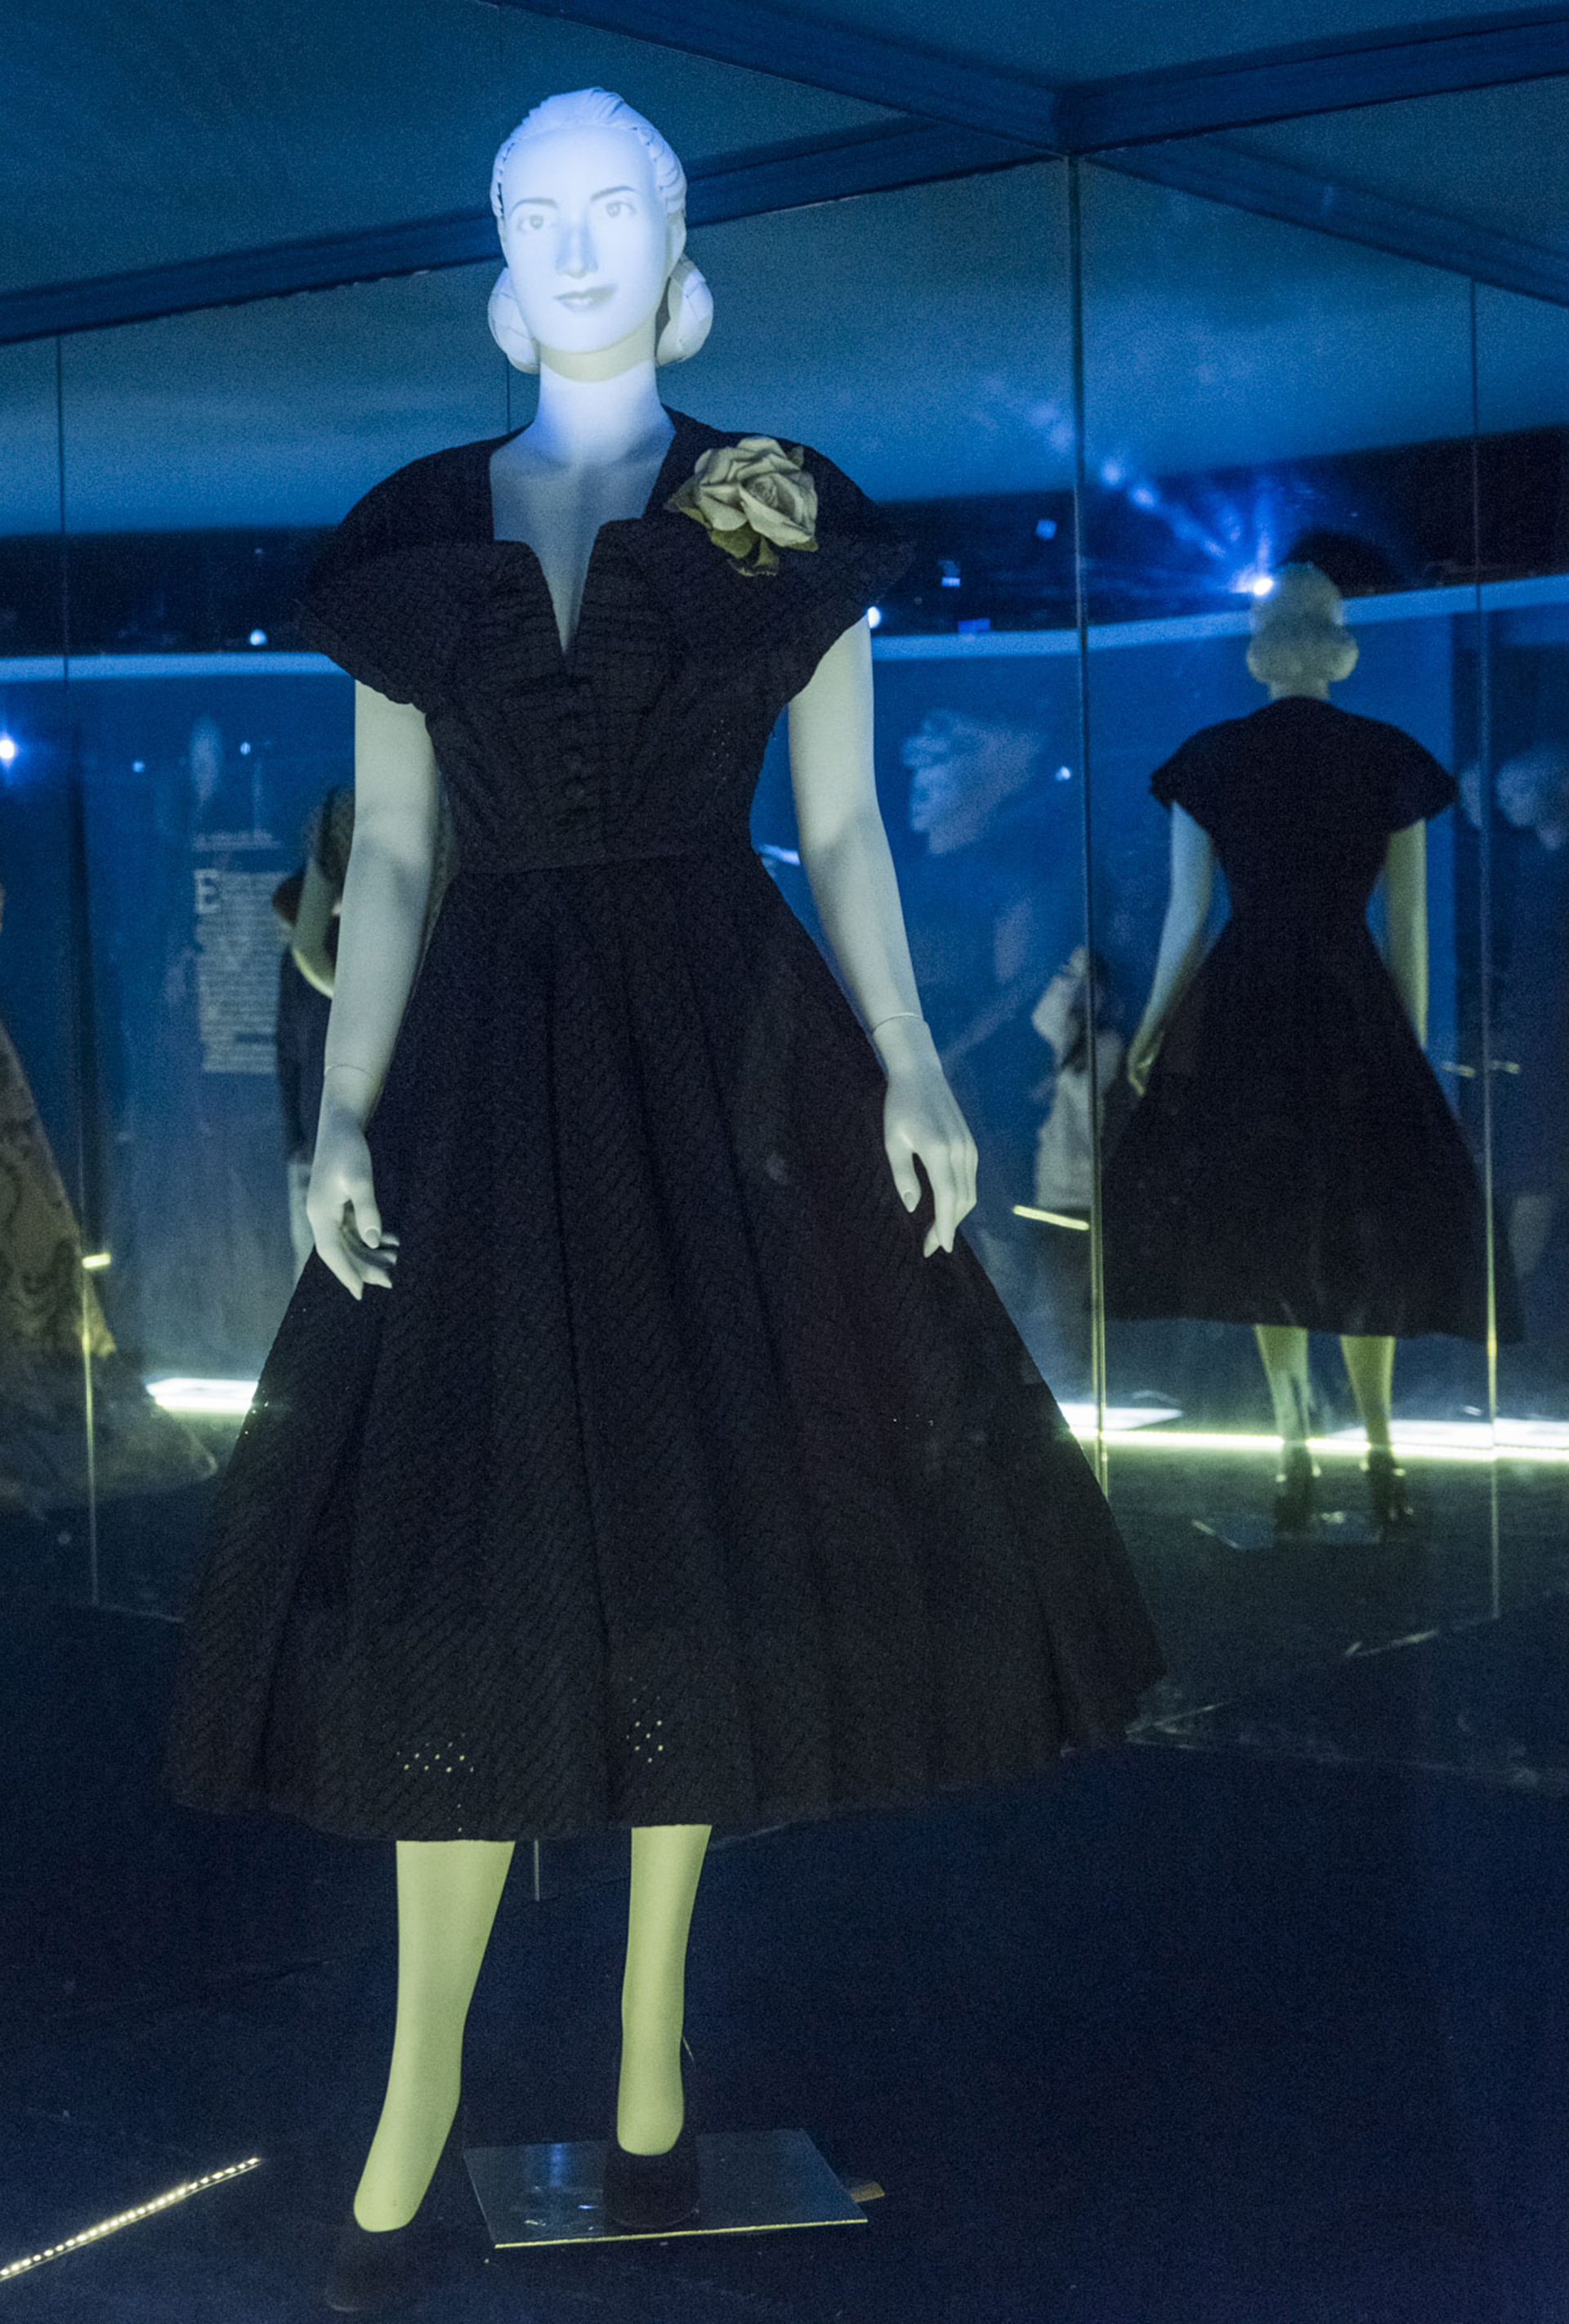 """""""Todos los vestidos son originales, salvo el primero que es una réplica porque no hay nada del año 35 para representar su adolescencia. Son vestidos que pertenecen a la colección que forma parte del patrimonio de este museo"""", explicó la curadora en diálogo con Infobae"""